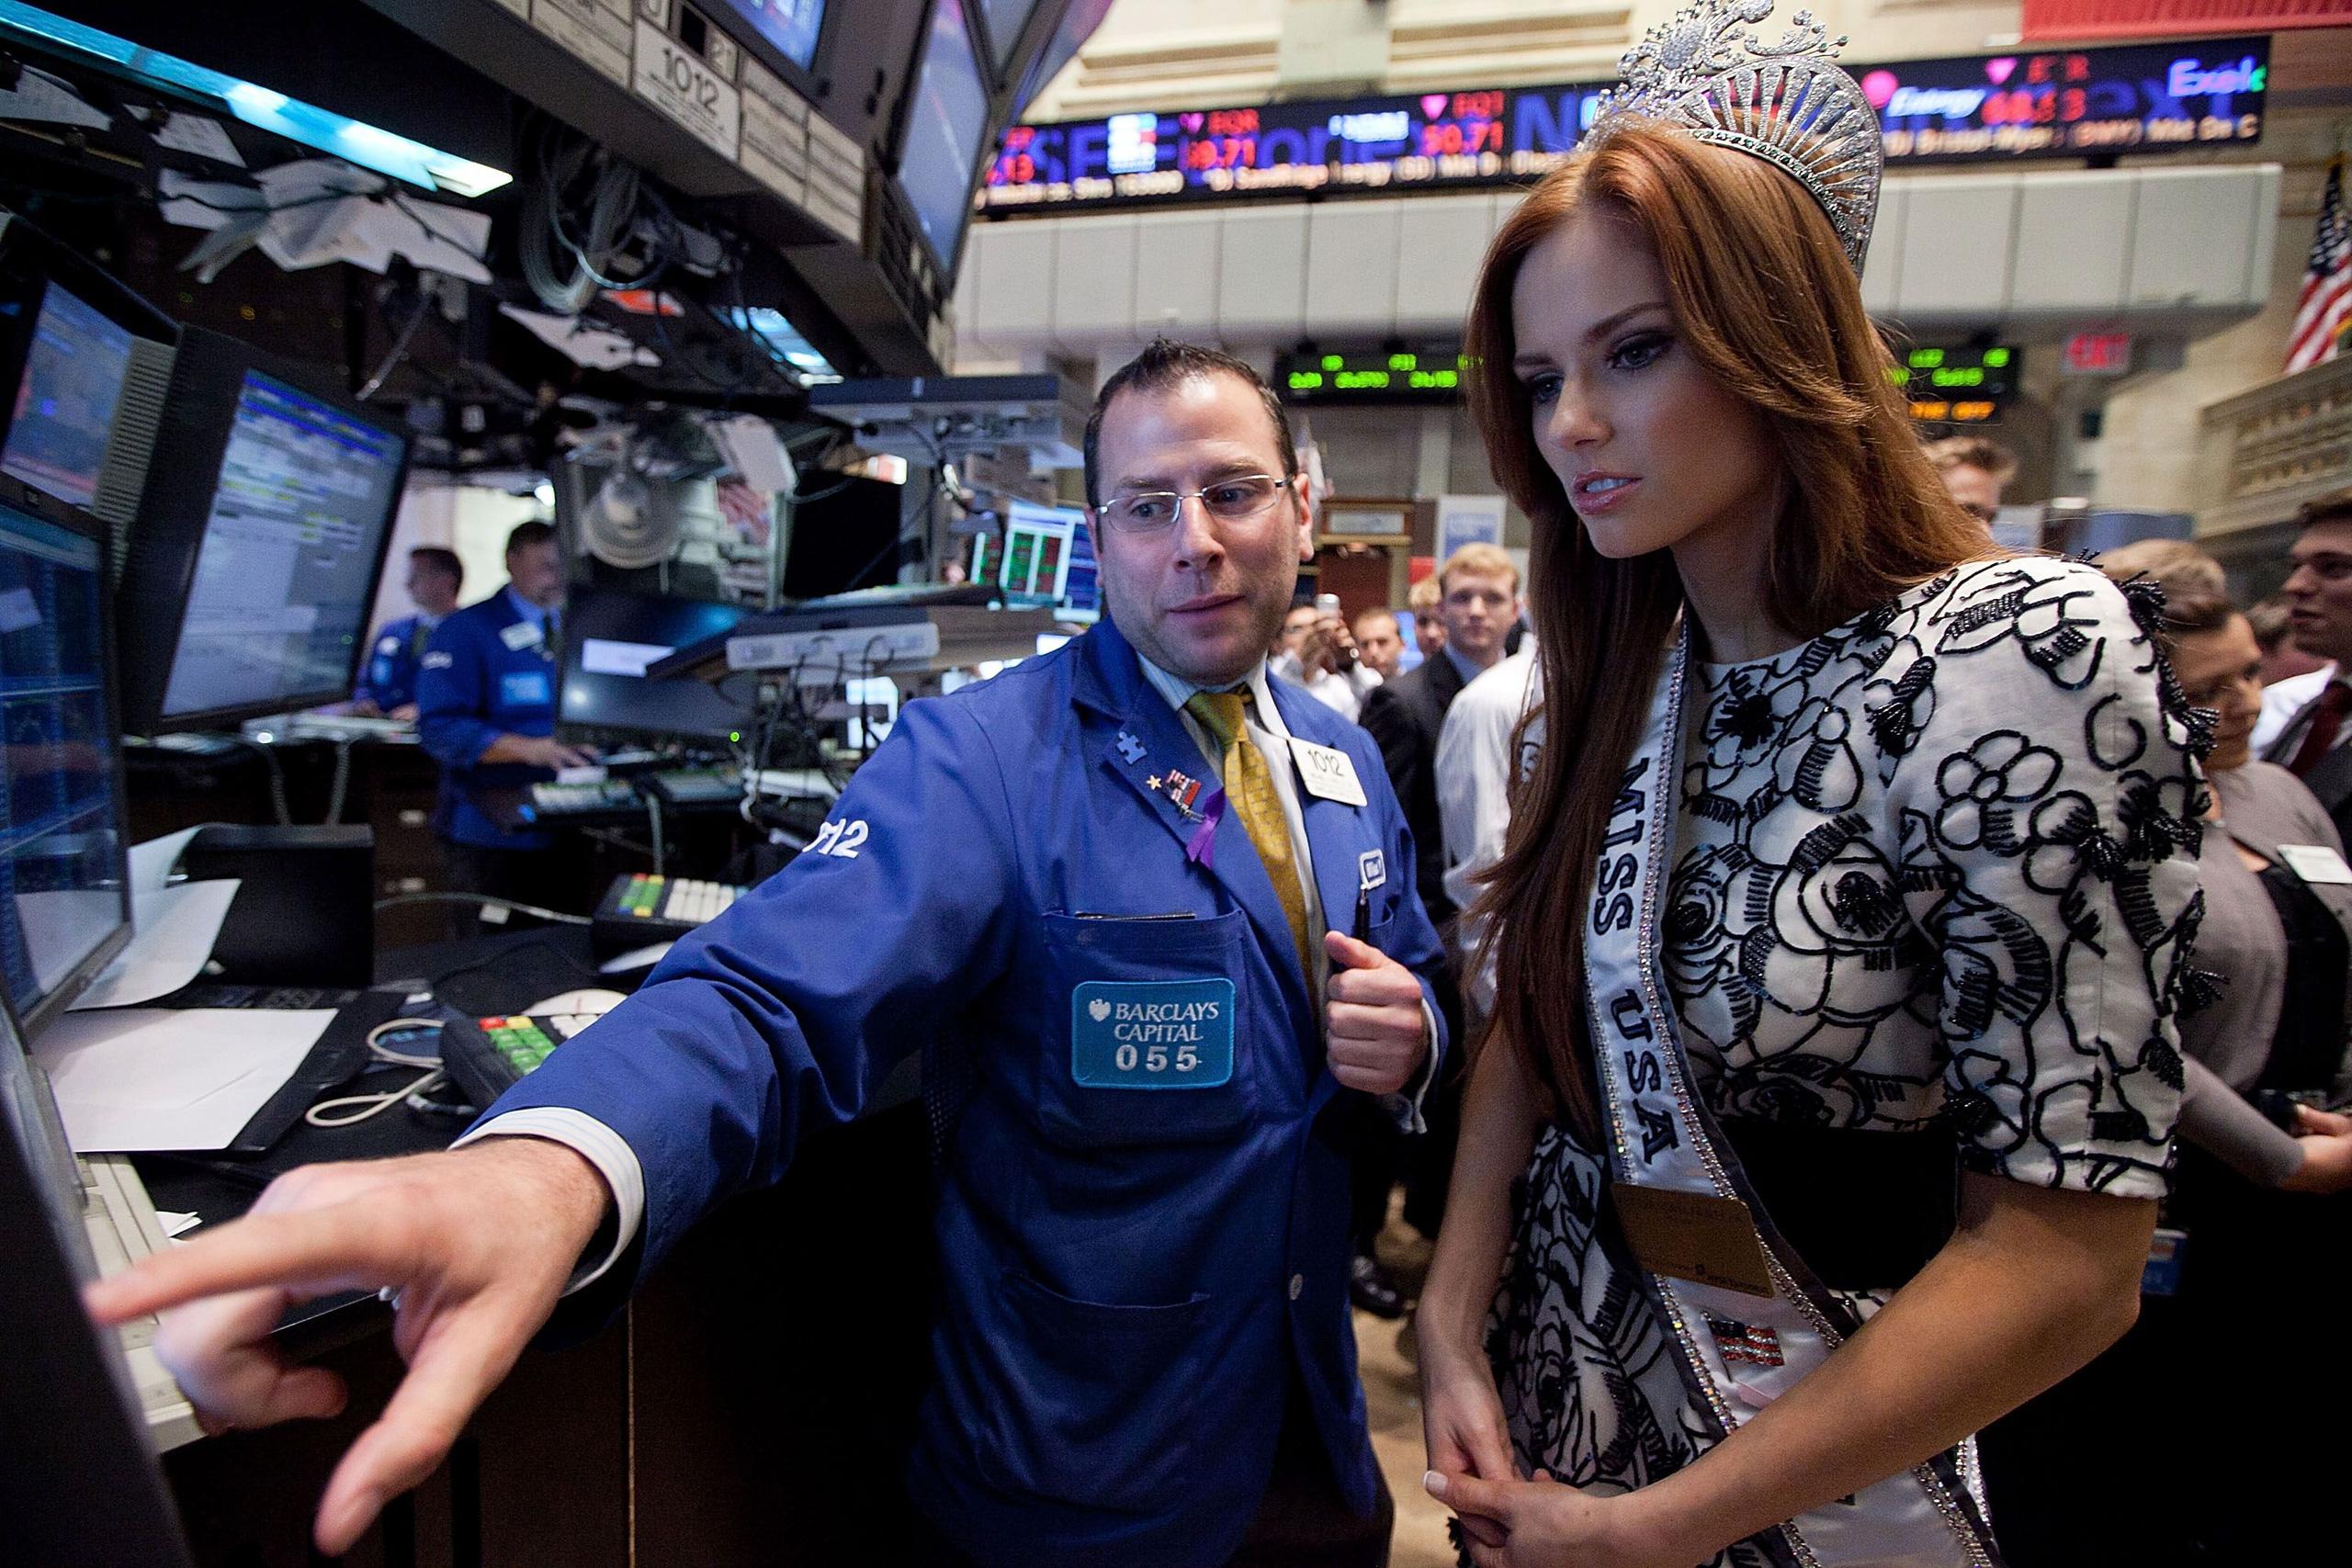 Chủ tịch Fed xua tan nỗi lo, Dow Jones bật tăng sau cú giảm 360 điểm - Ảnh 1.